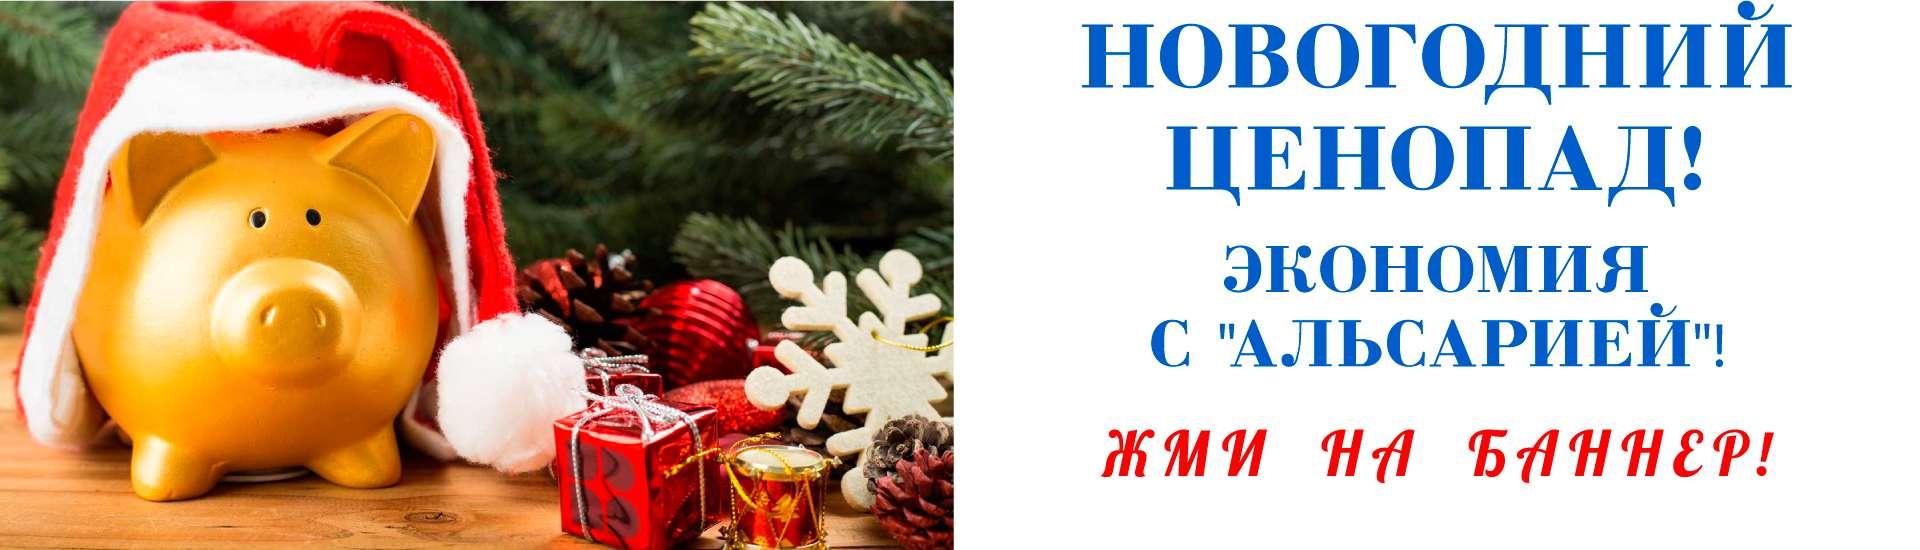 Баннер-новогодний-ценопад